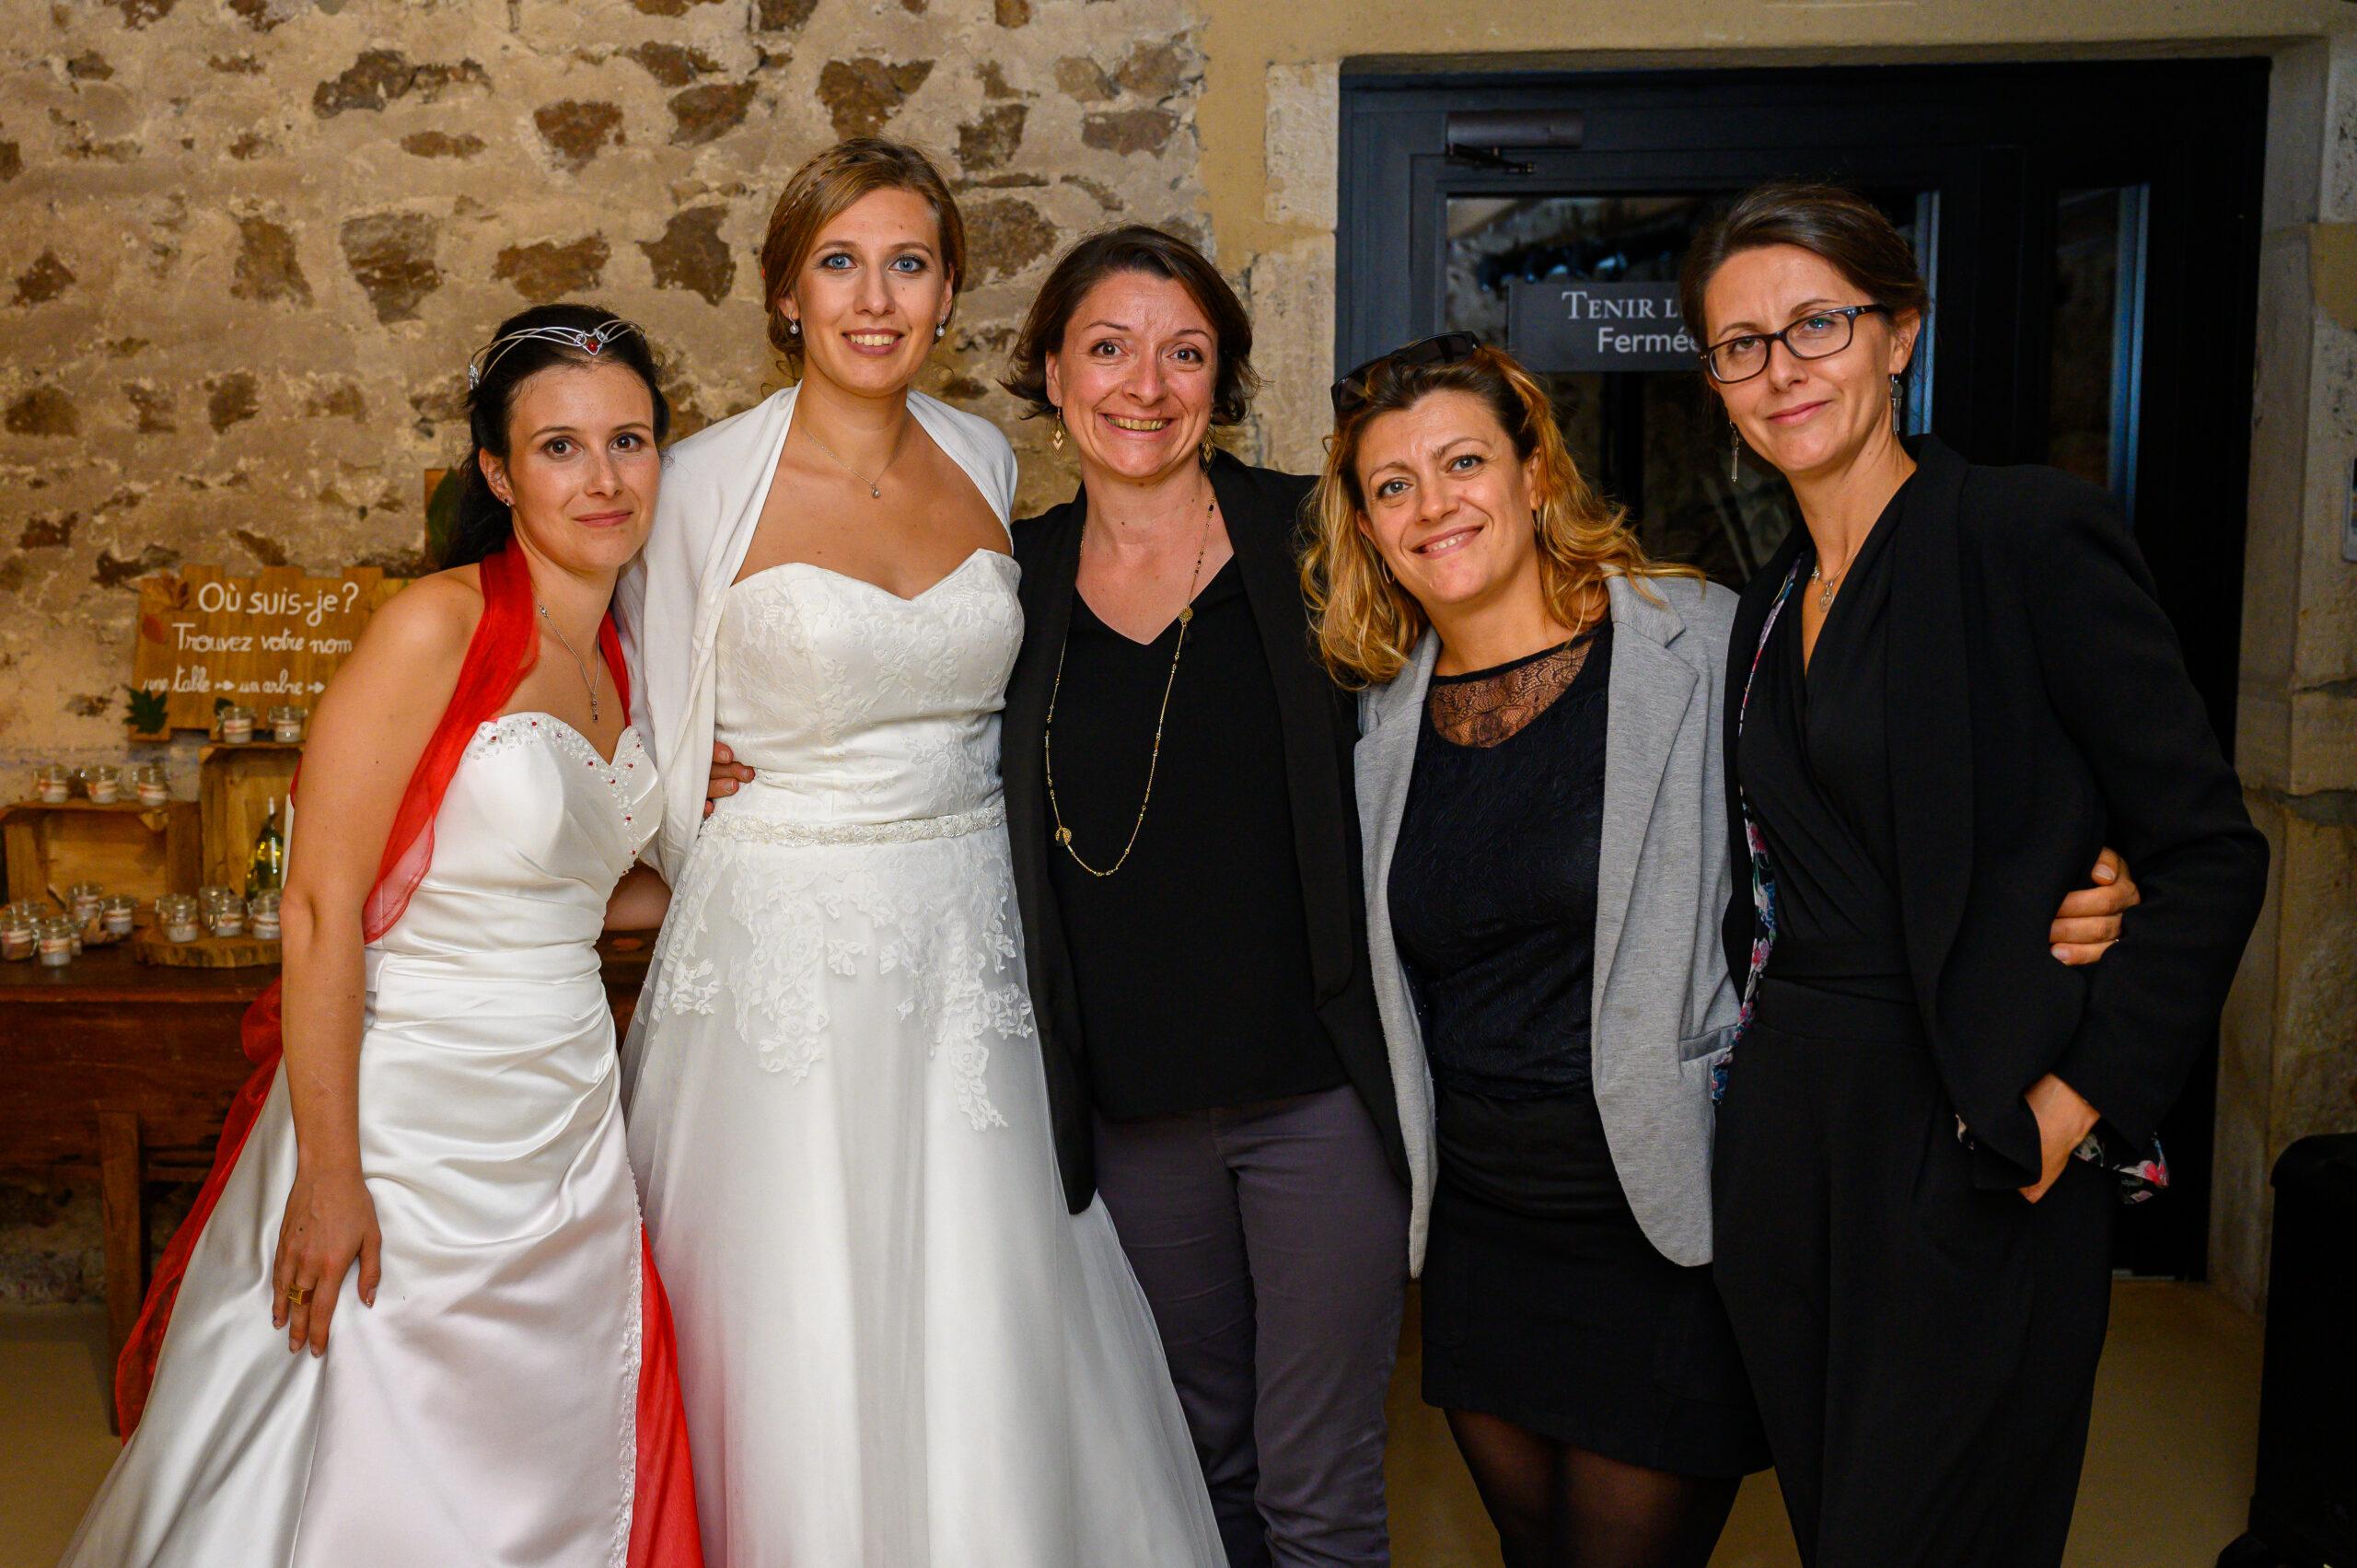 Photo des mariés avec les organisatrices dont Djette Svetlana d'Art Song Production, agence évènementielle DJ sono, lumière, pour une ambiance assurée